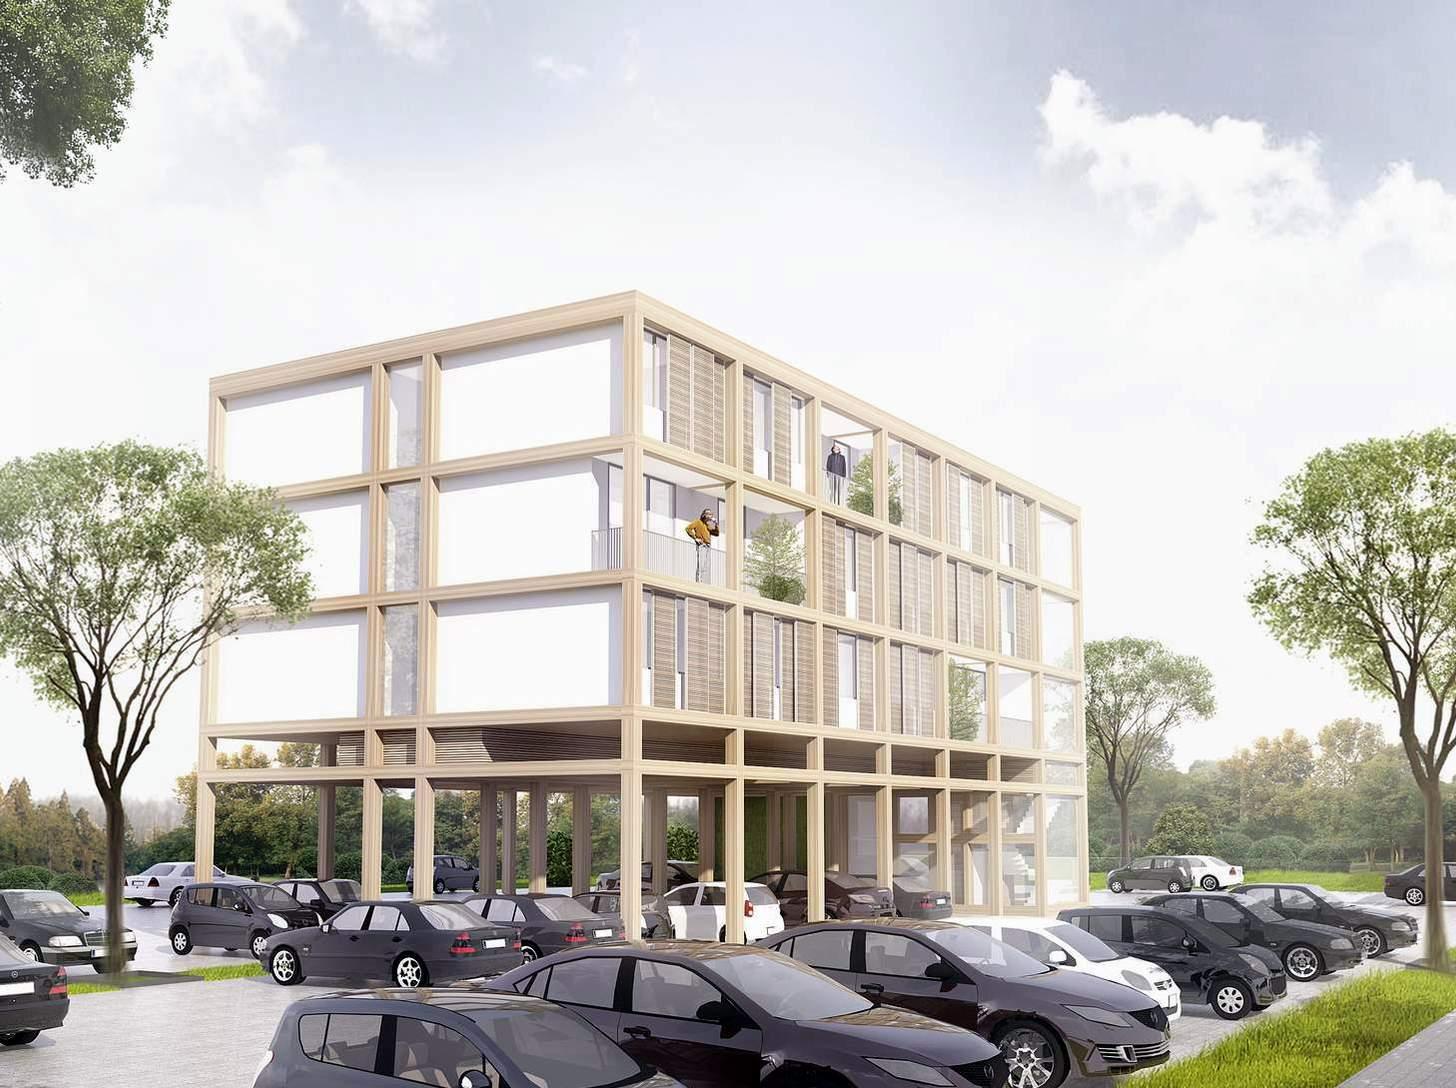 Ideenwettbewerb für bezahlbaren Wohnungsbau in Rheinland-Pfalz ...